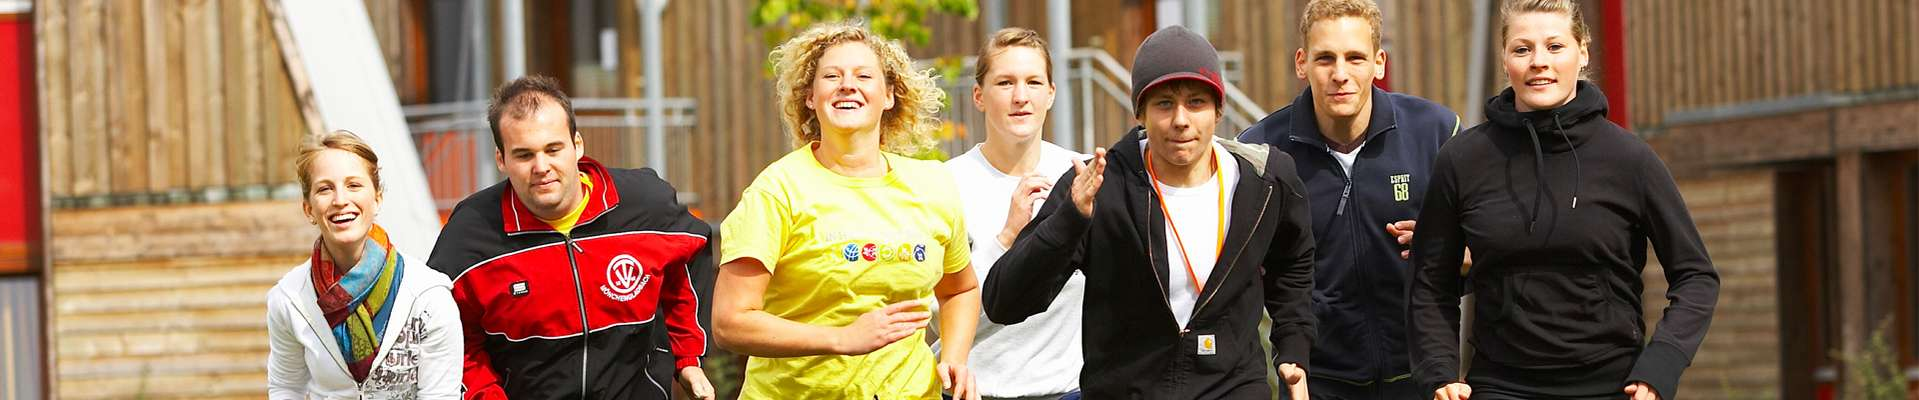 Headerbild Bilddatenbank: Jugendliche Laufgruppe